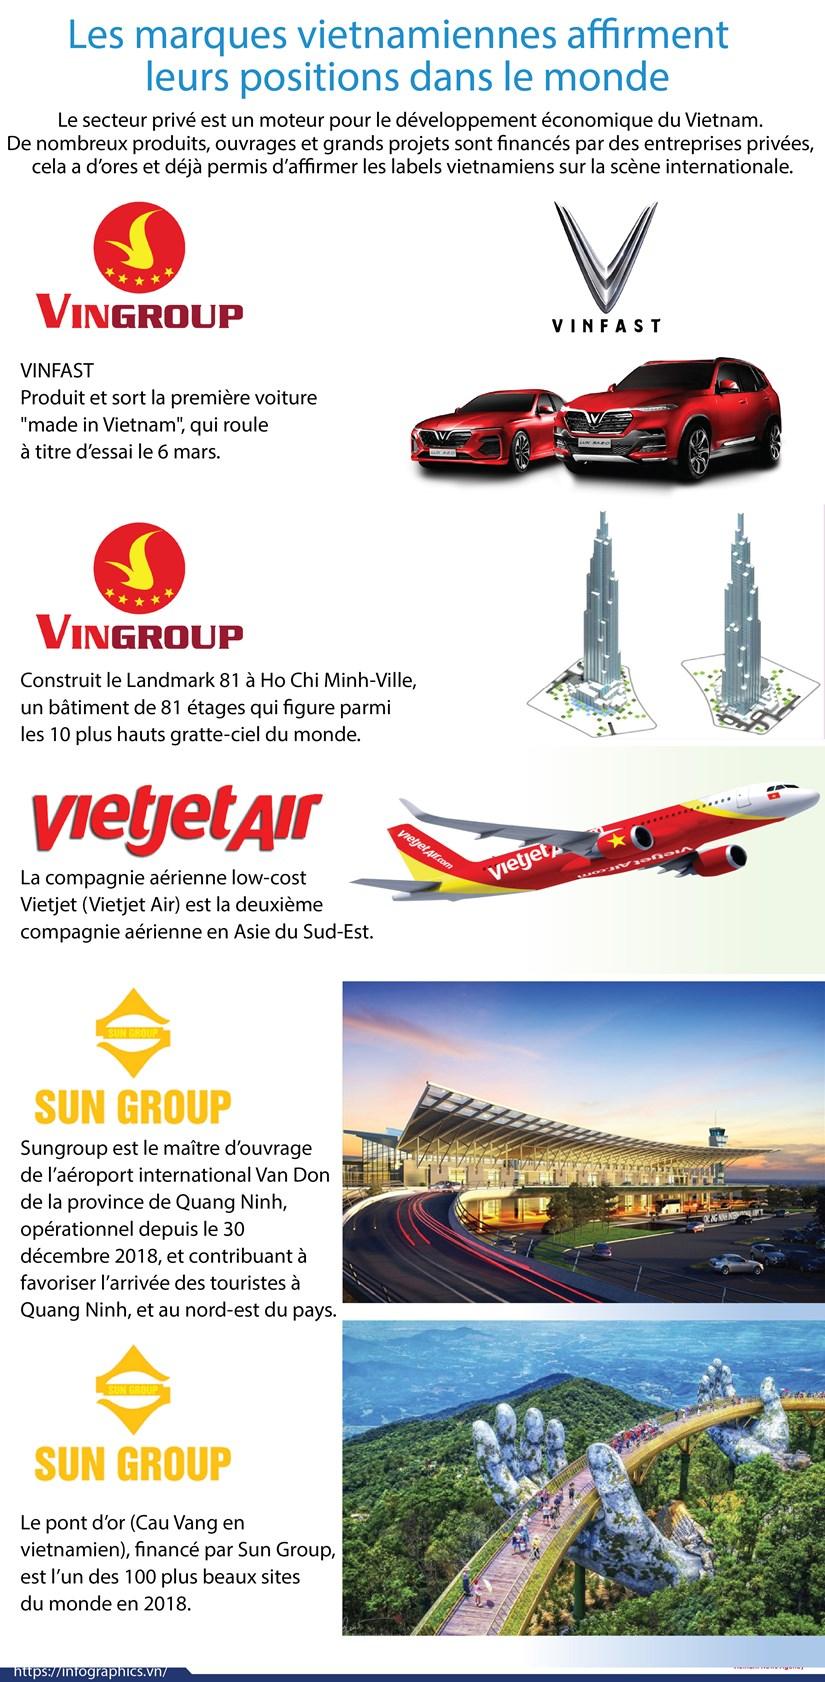 Les marques vietnamiennes affirment leurs positions dans le monde hinh anh 1